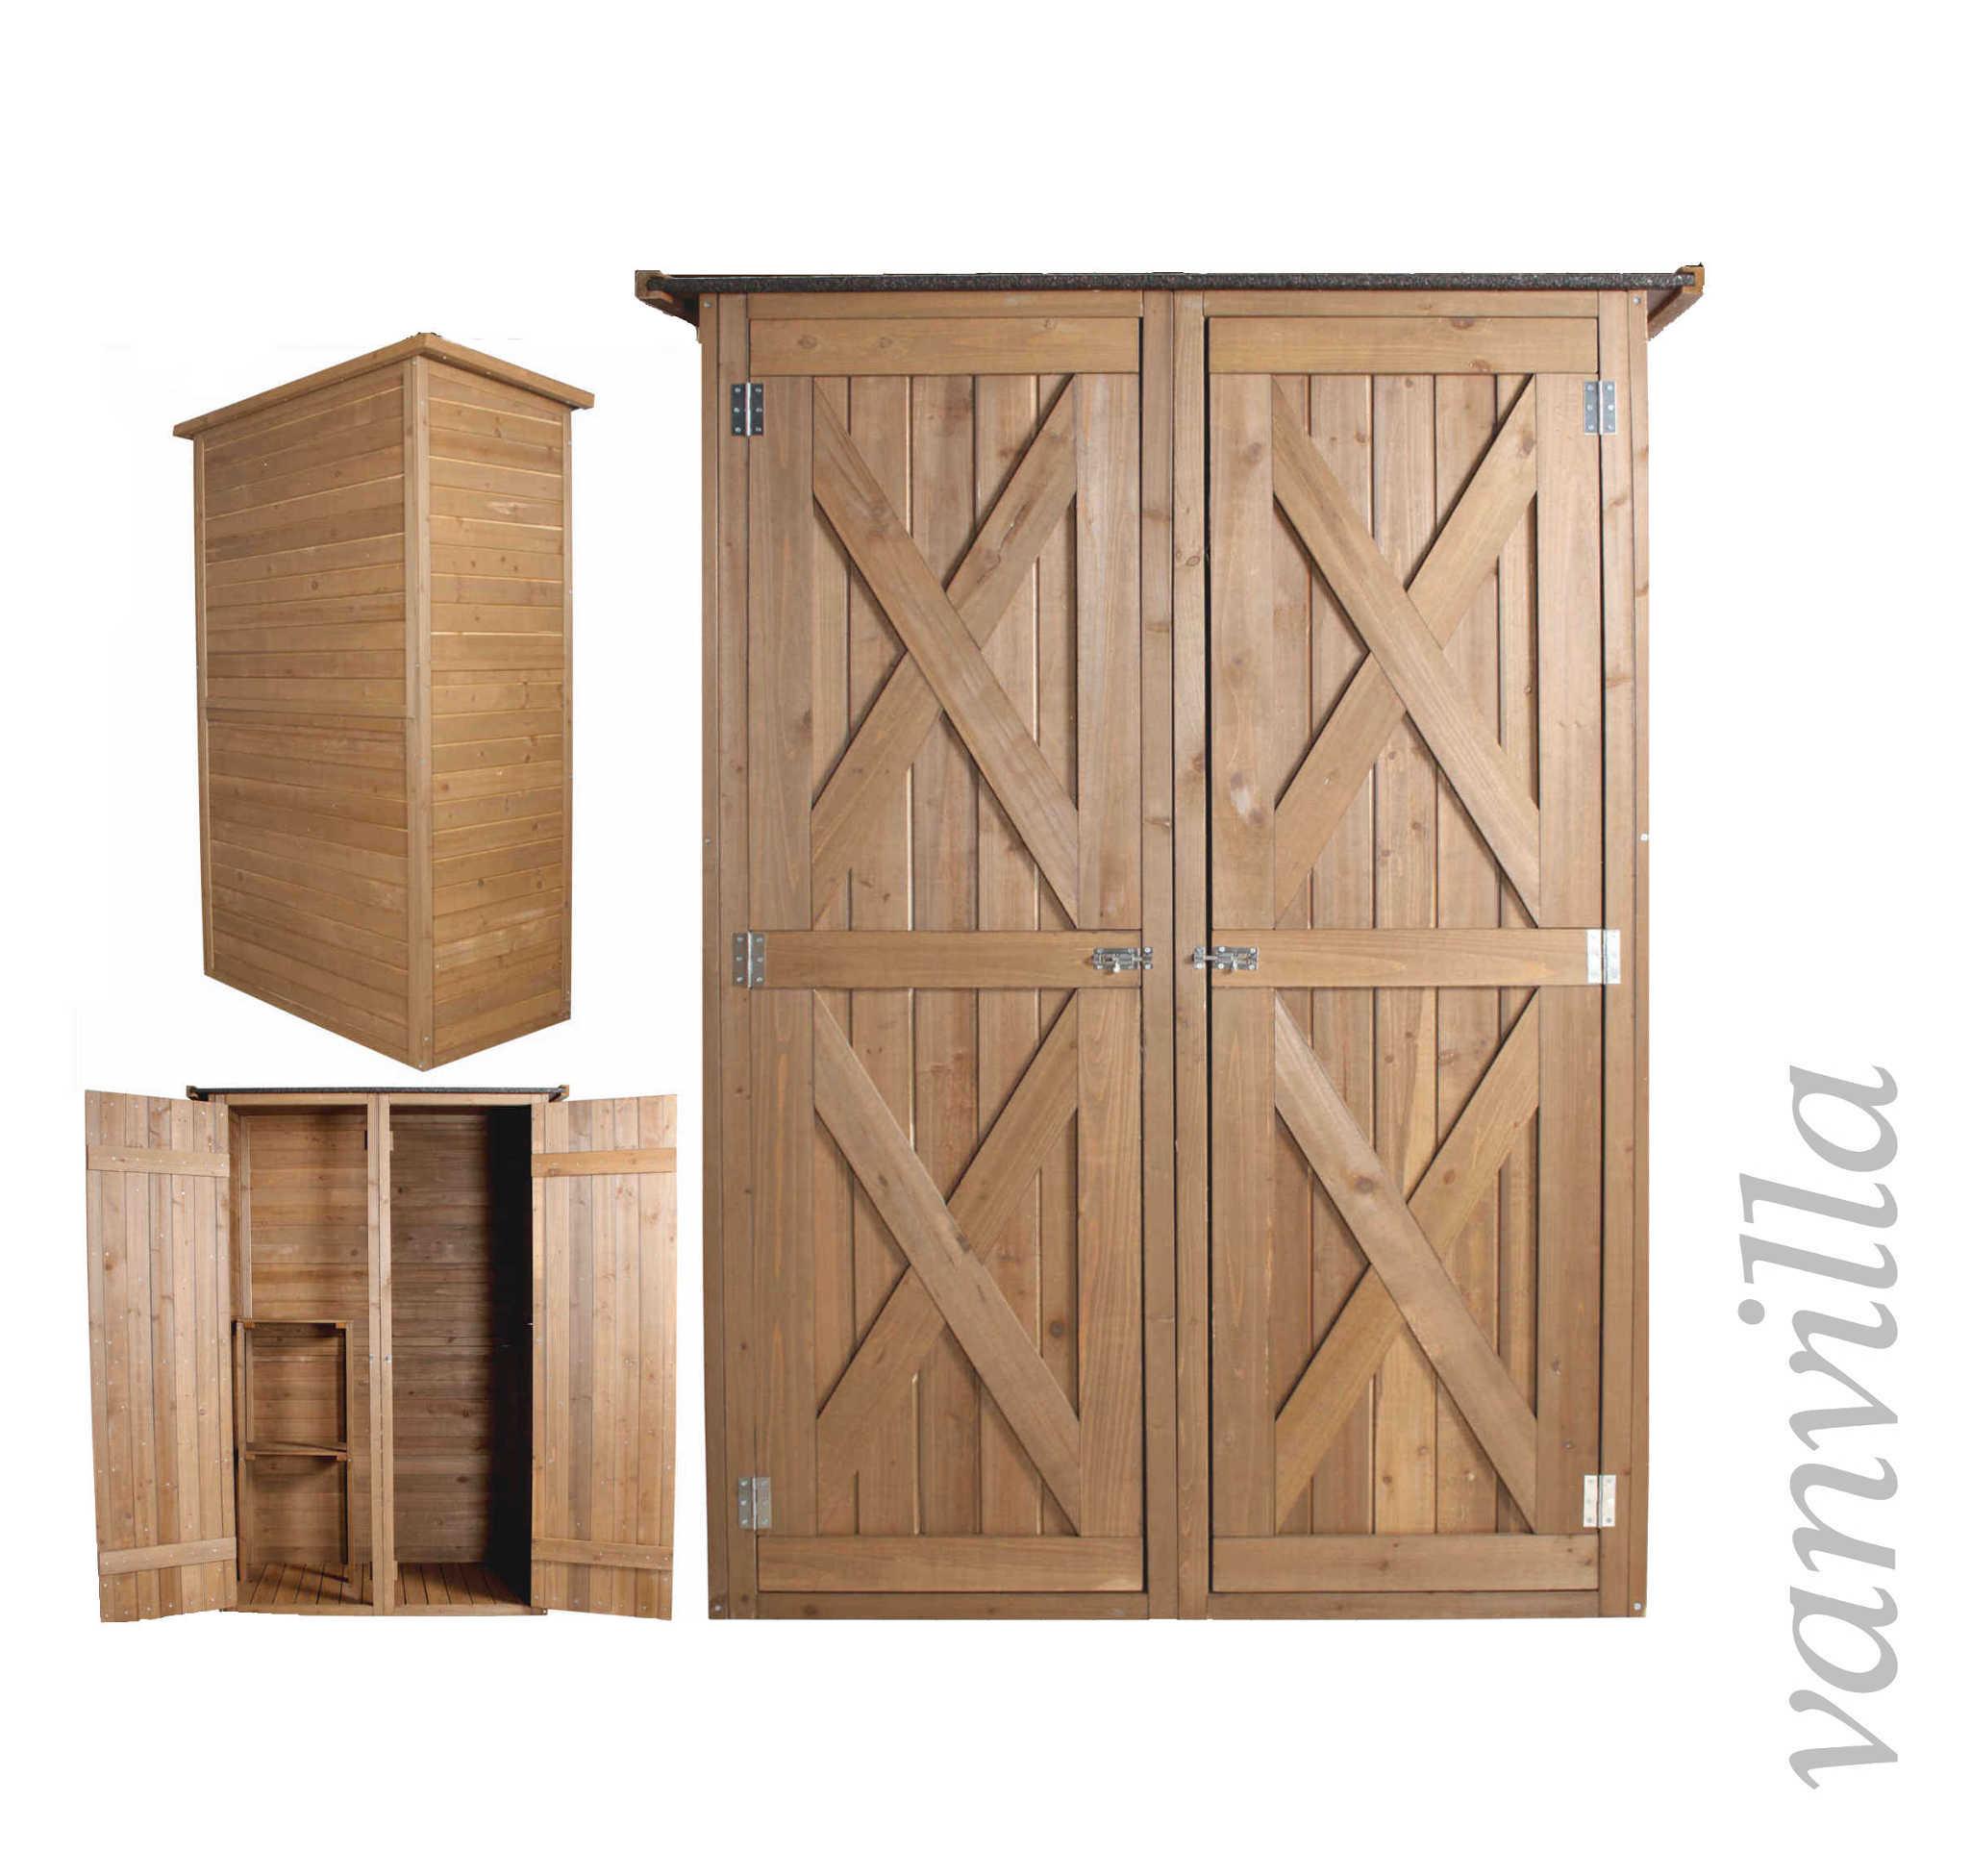 ger teschrank ger teschuppen vanvilla gartenhaus holz schuppen ger tehaus ebay. Black Bedroom Furniture Sets. Home Design Ideas